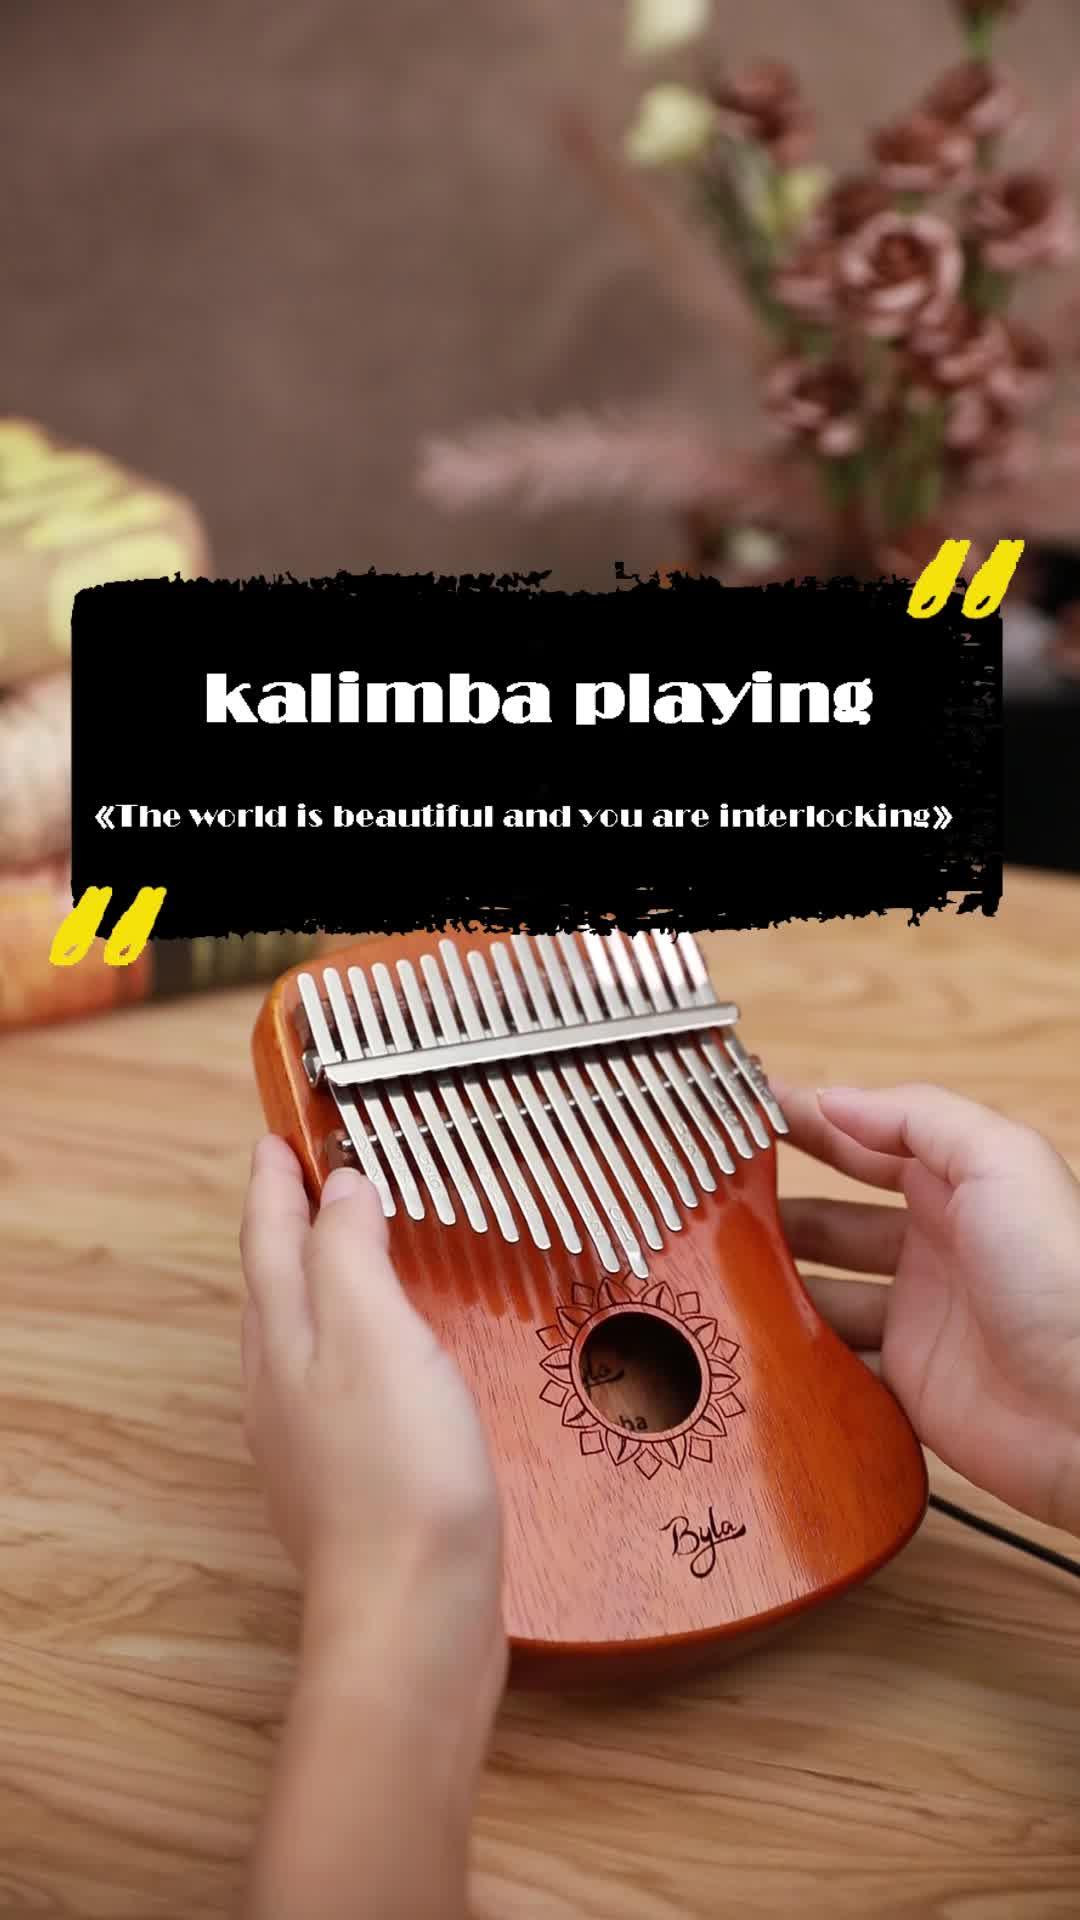 אחד אורגני מבנה כלי נגינה calimbero 17 מפתחות אגודל פסנתרים terapêuticos musicais